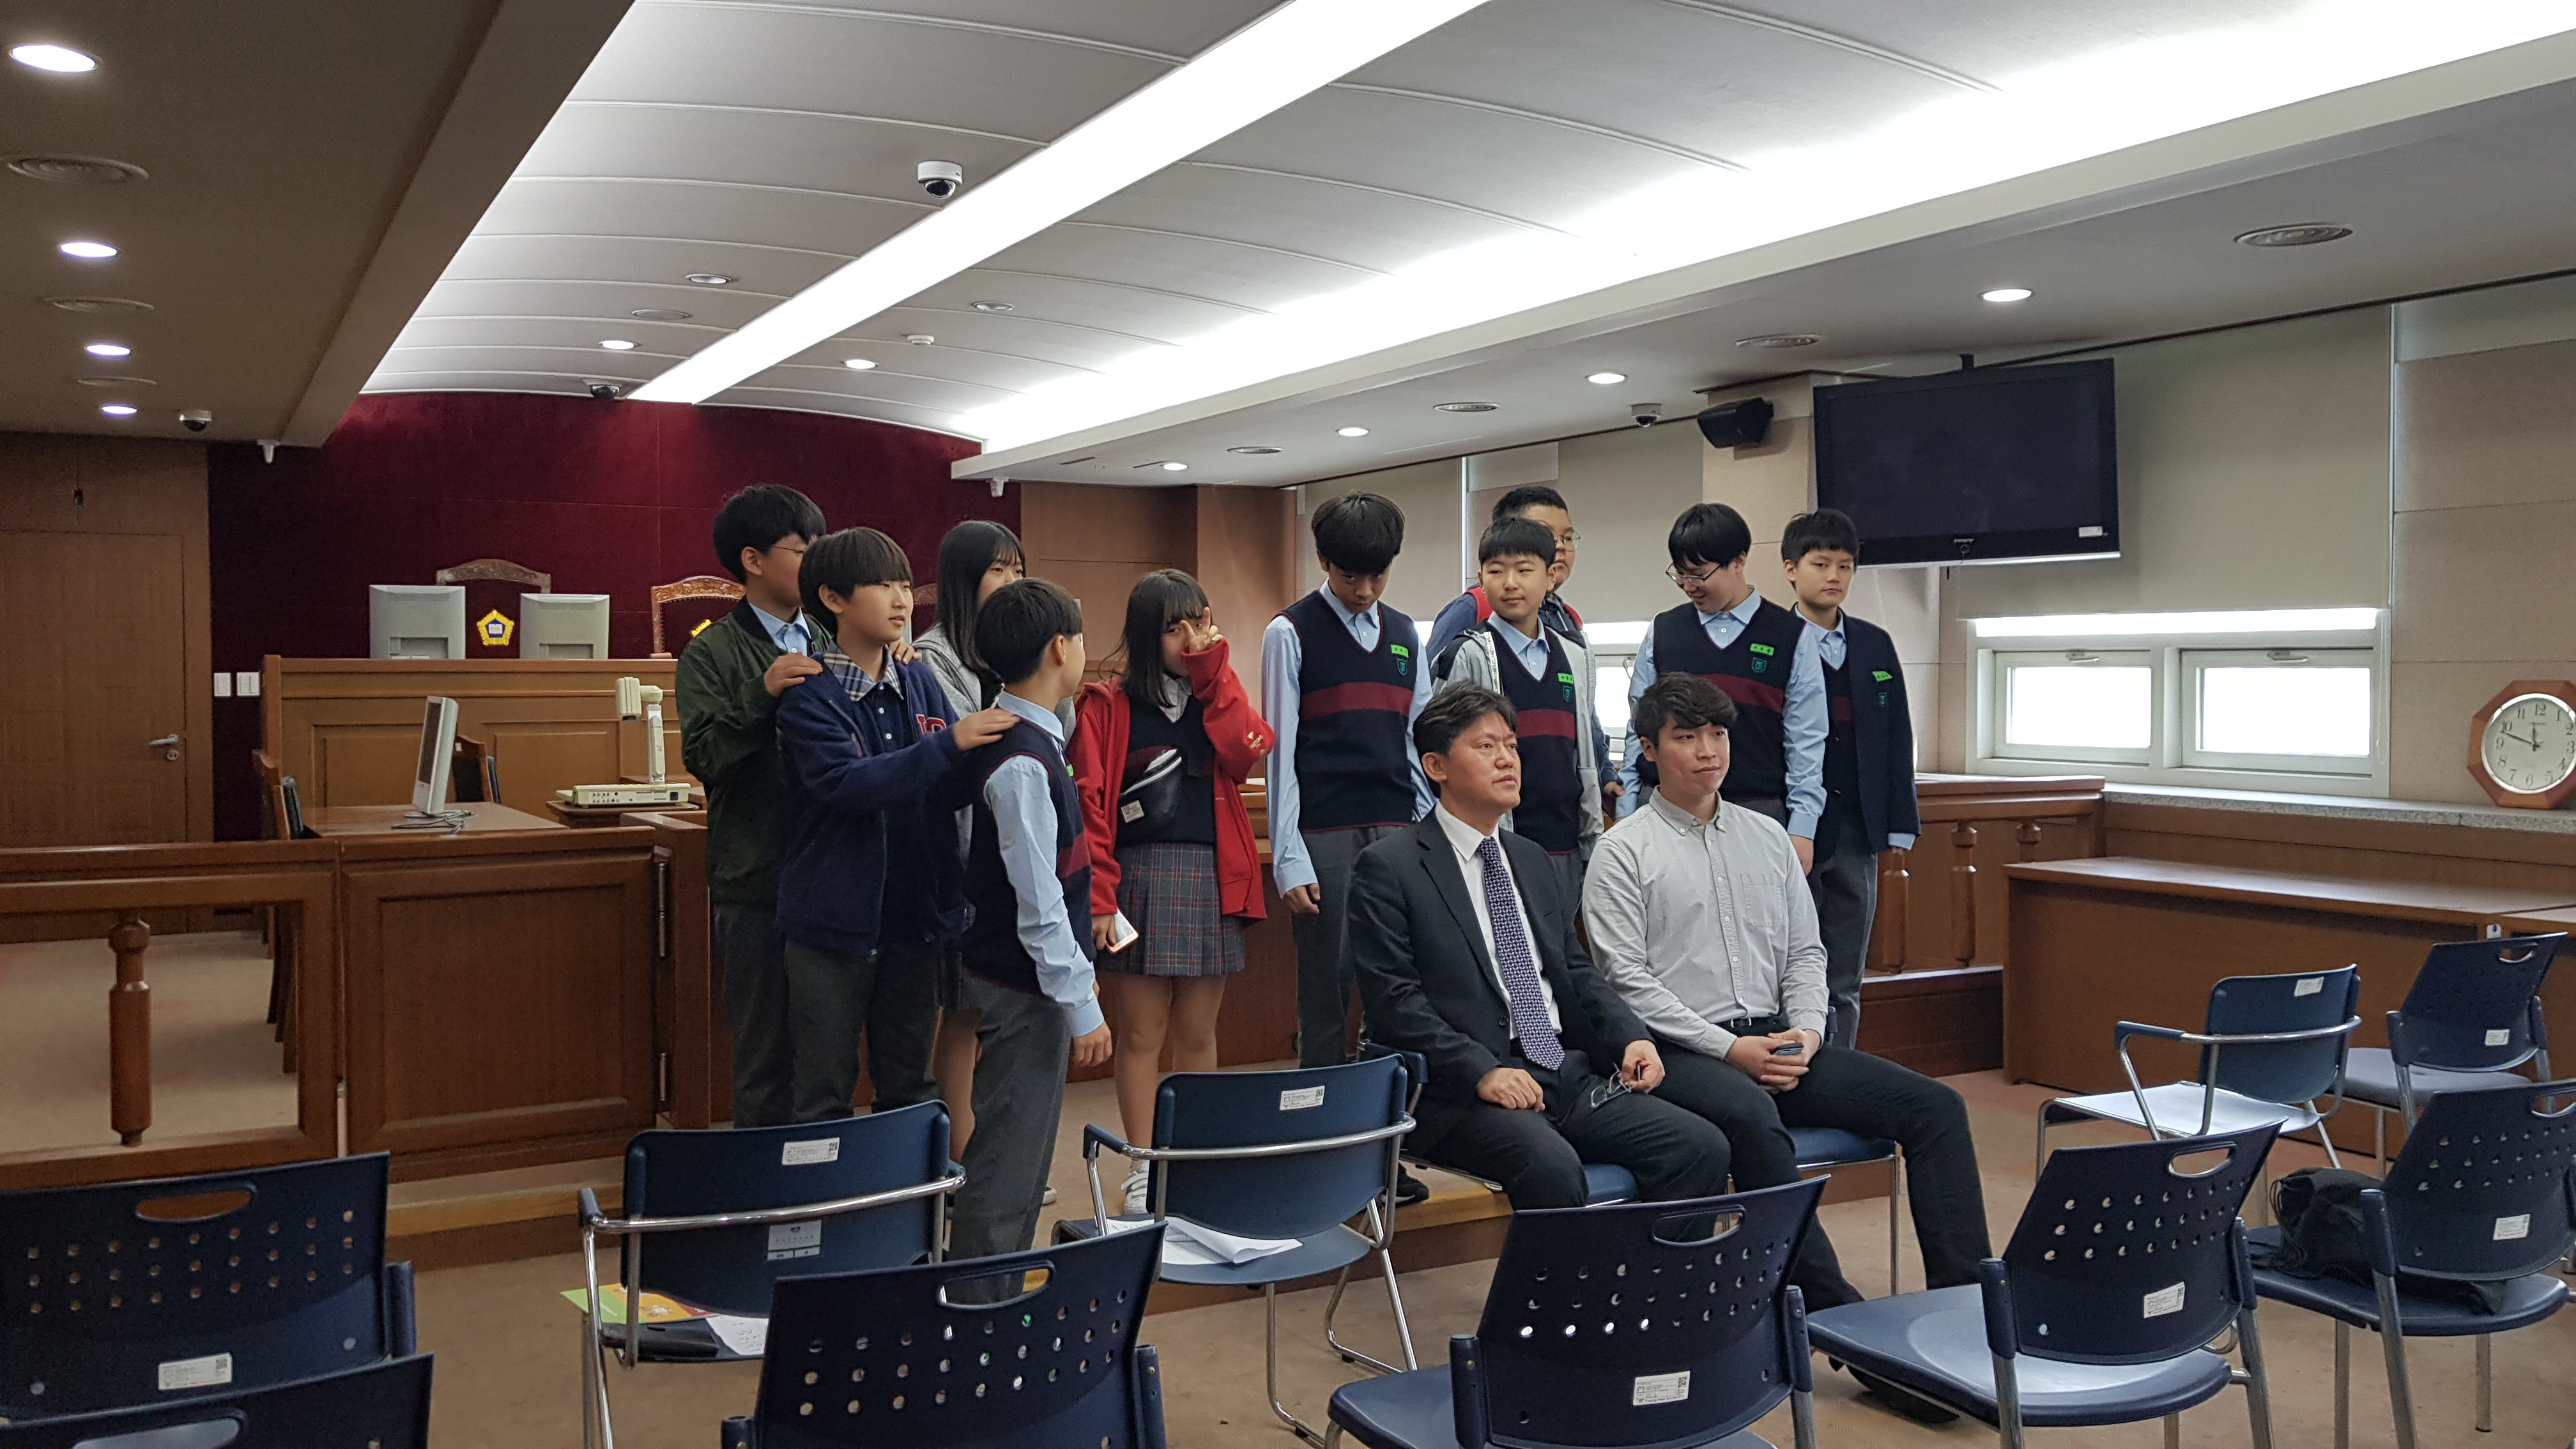 20190430 휘경중학교 현장직업체험 - 경희대 로스쿨 (50) (곽)